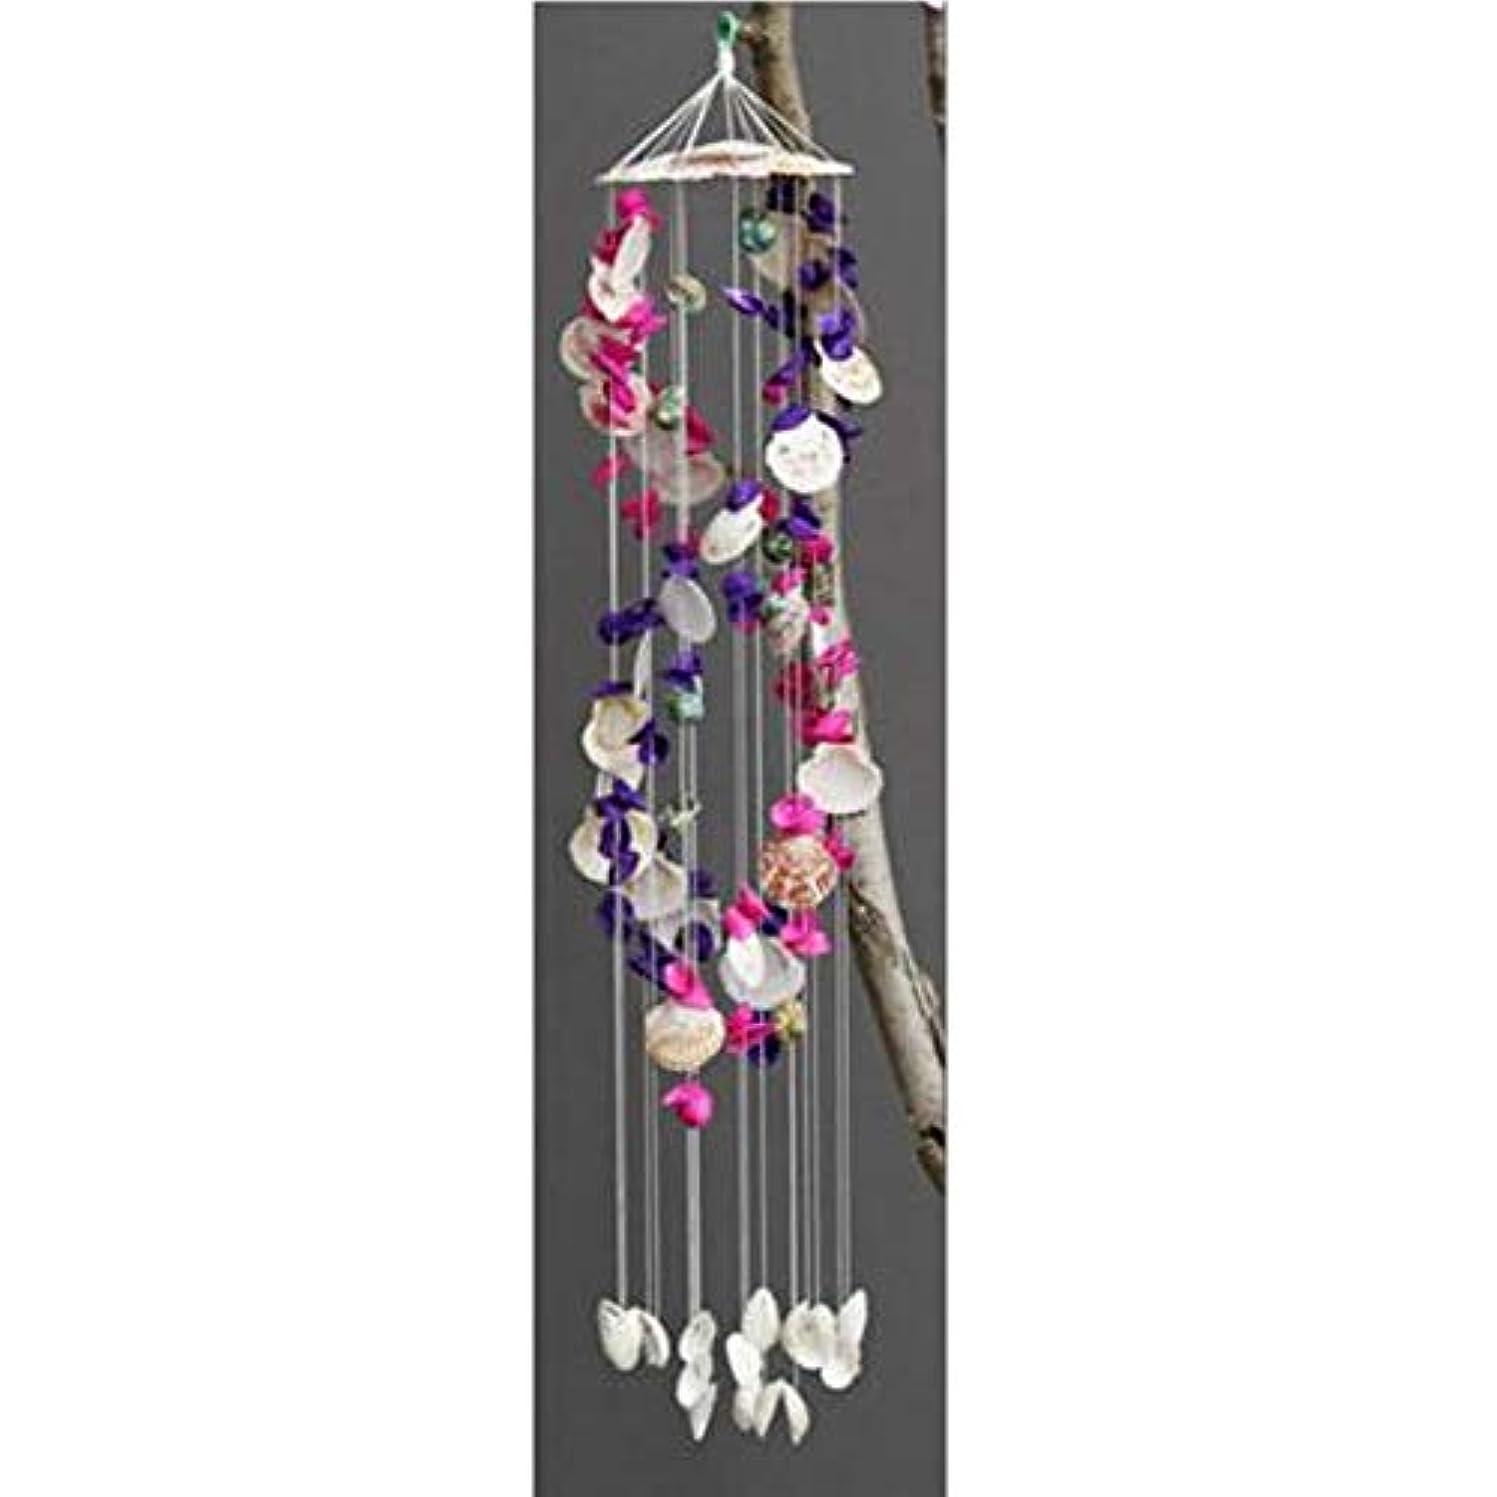 反毒寛解所有者Gaoxingbianlidian001 風チャイム、かわいい手作りのクリエイティブシェル風の鐘、斑入り、全長約95CM,楽しいホリデーギフト (Color : Multi-colored)